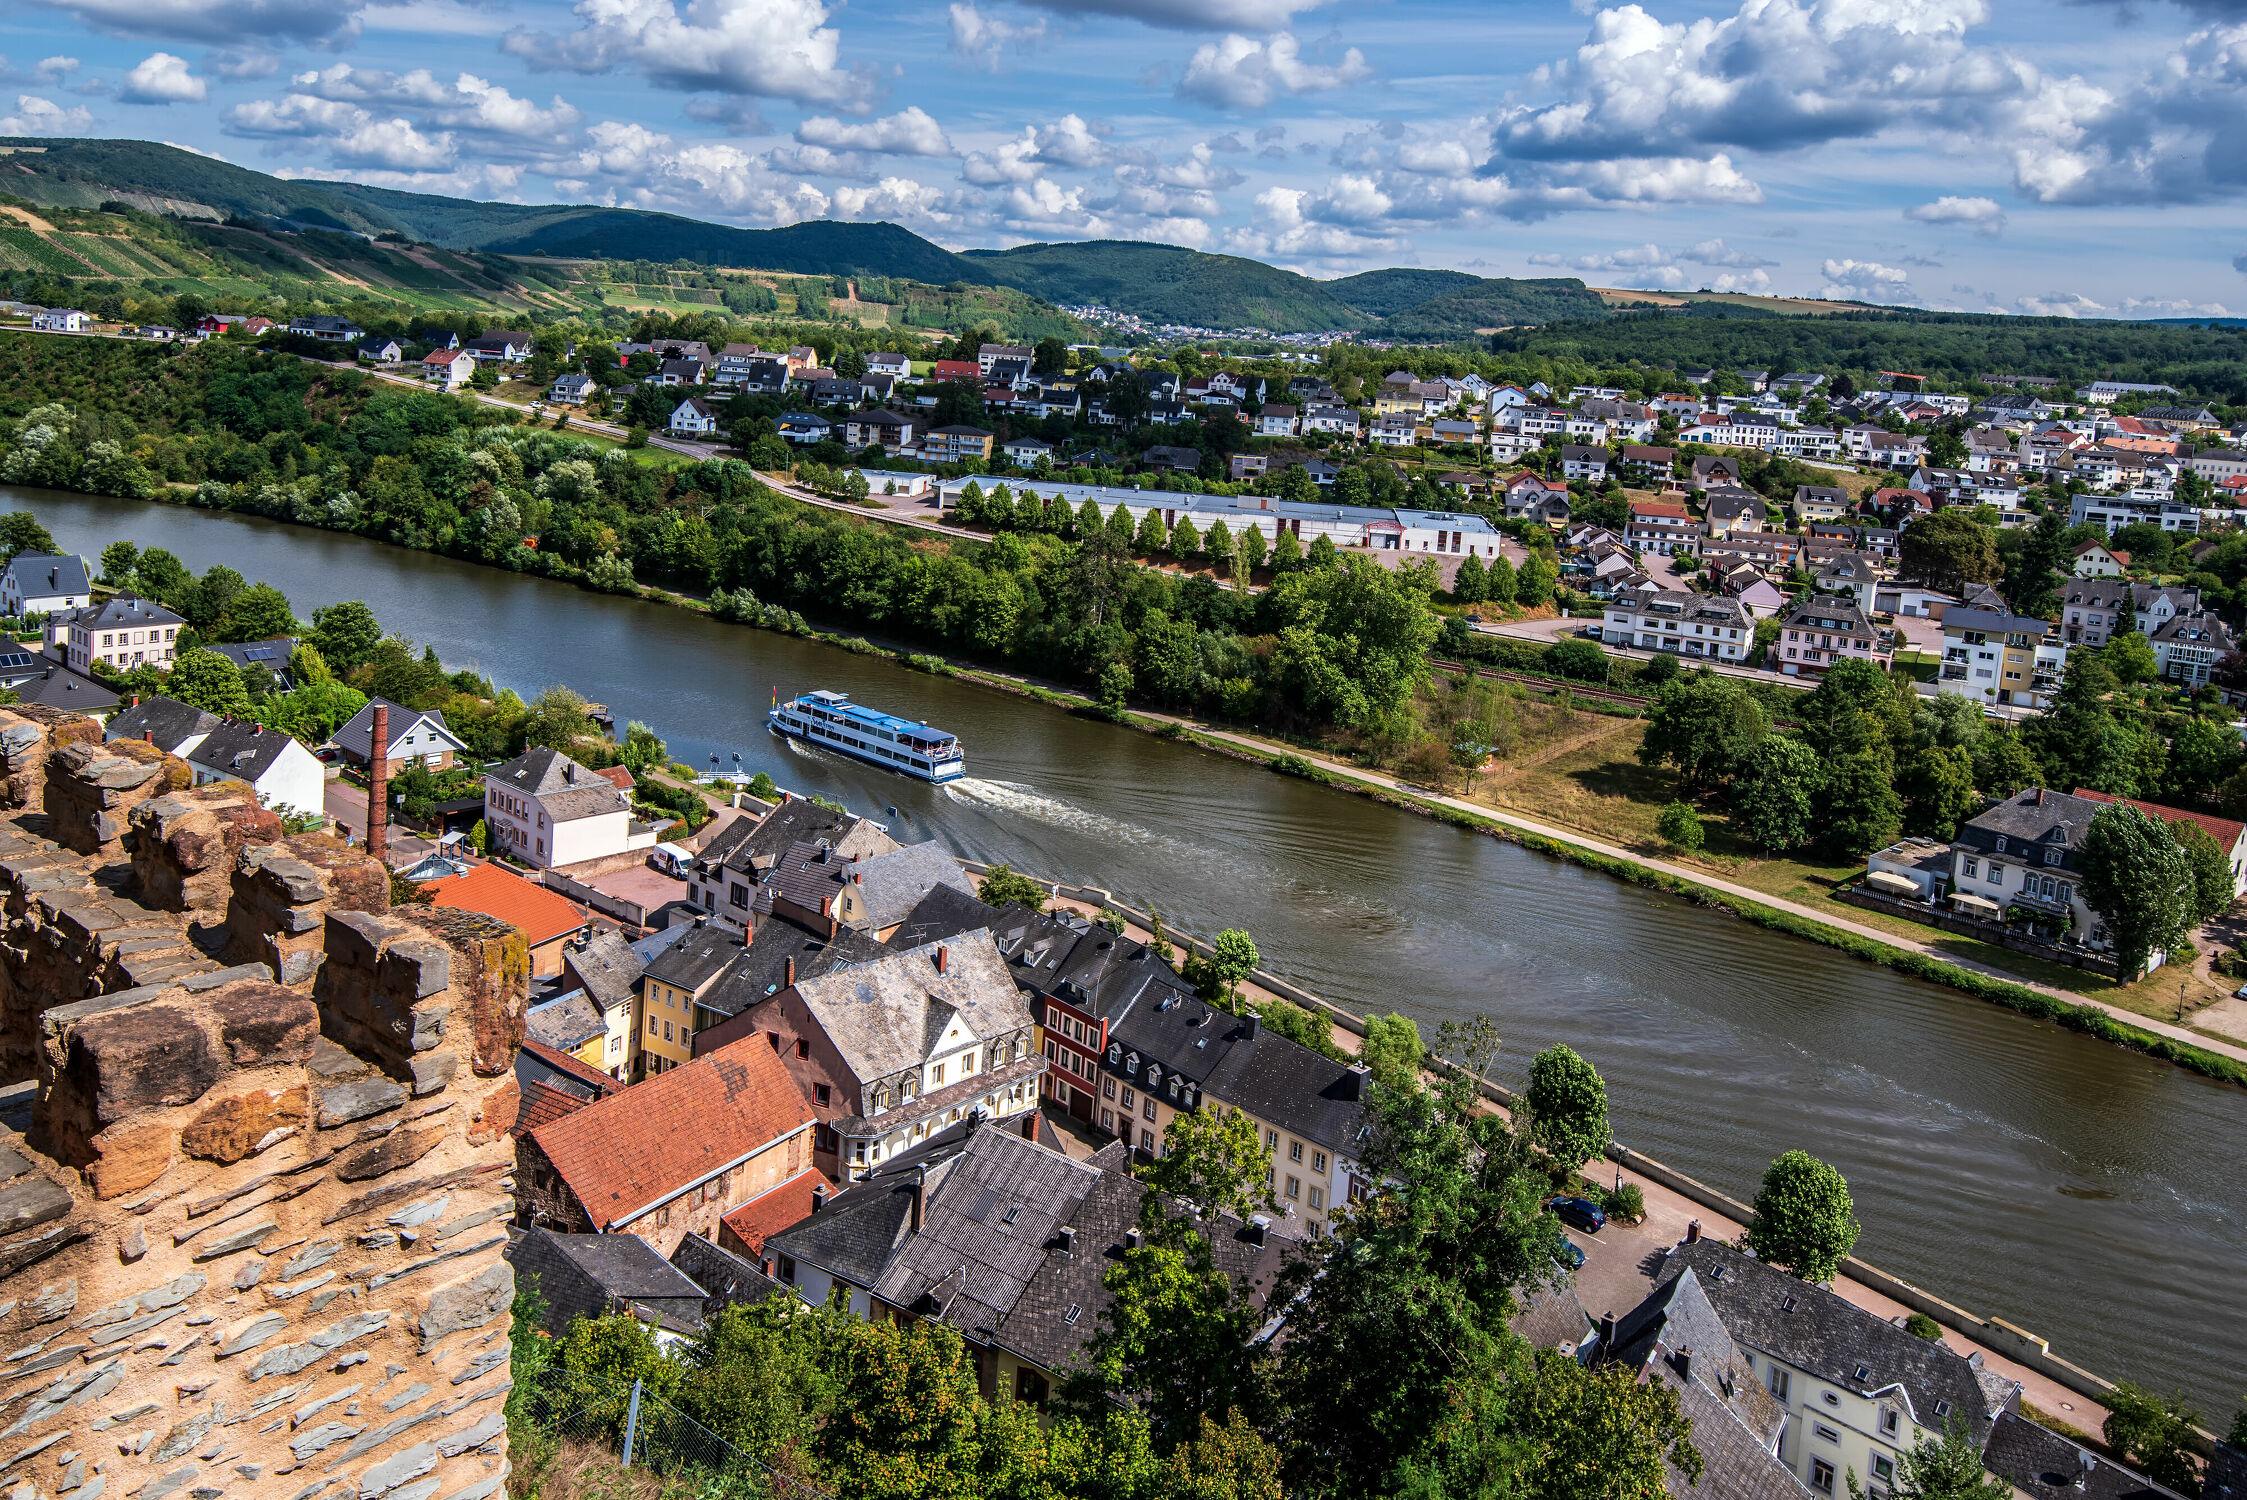 Bild mit Orte, Landschaft, Weitblick, Schifffahrt, Weinberge, Fluss, Strom, Eifel, Saarburg, Saar